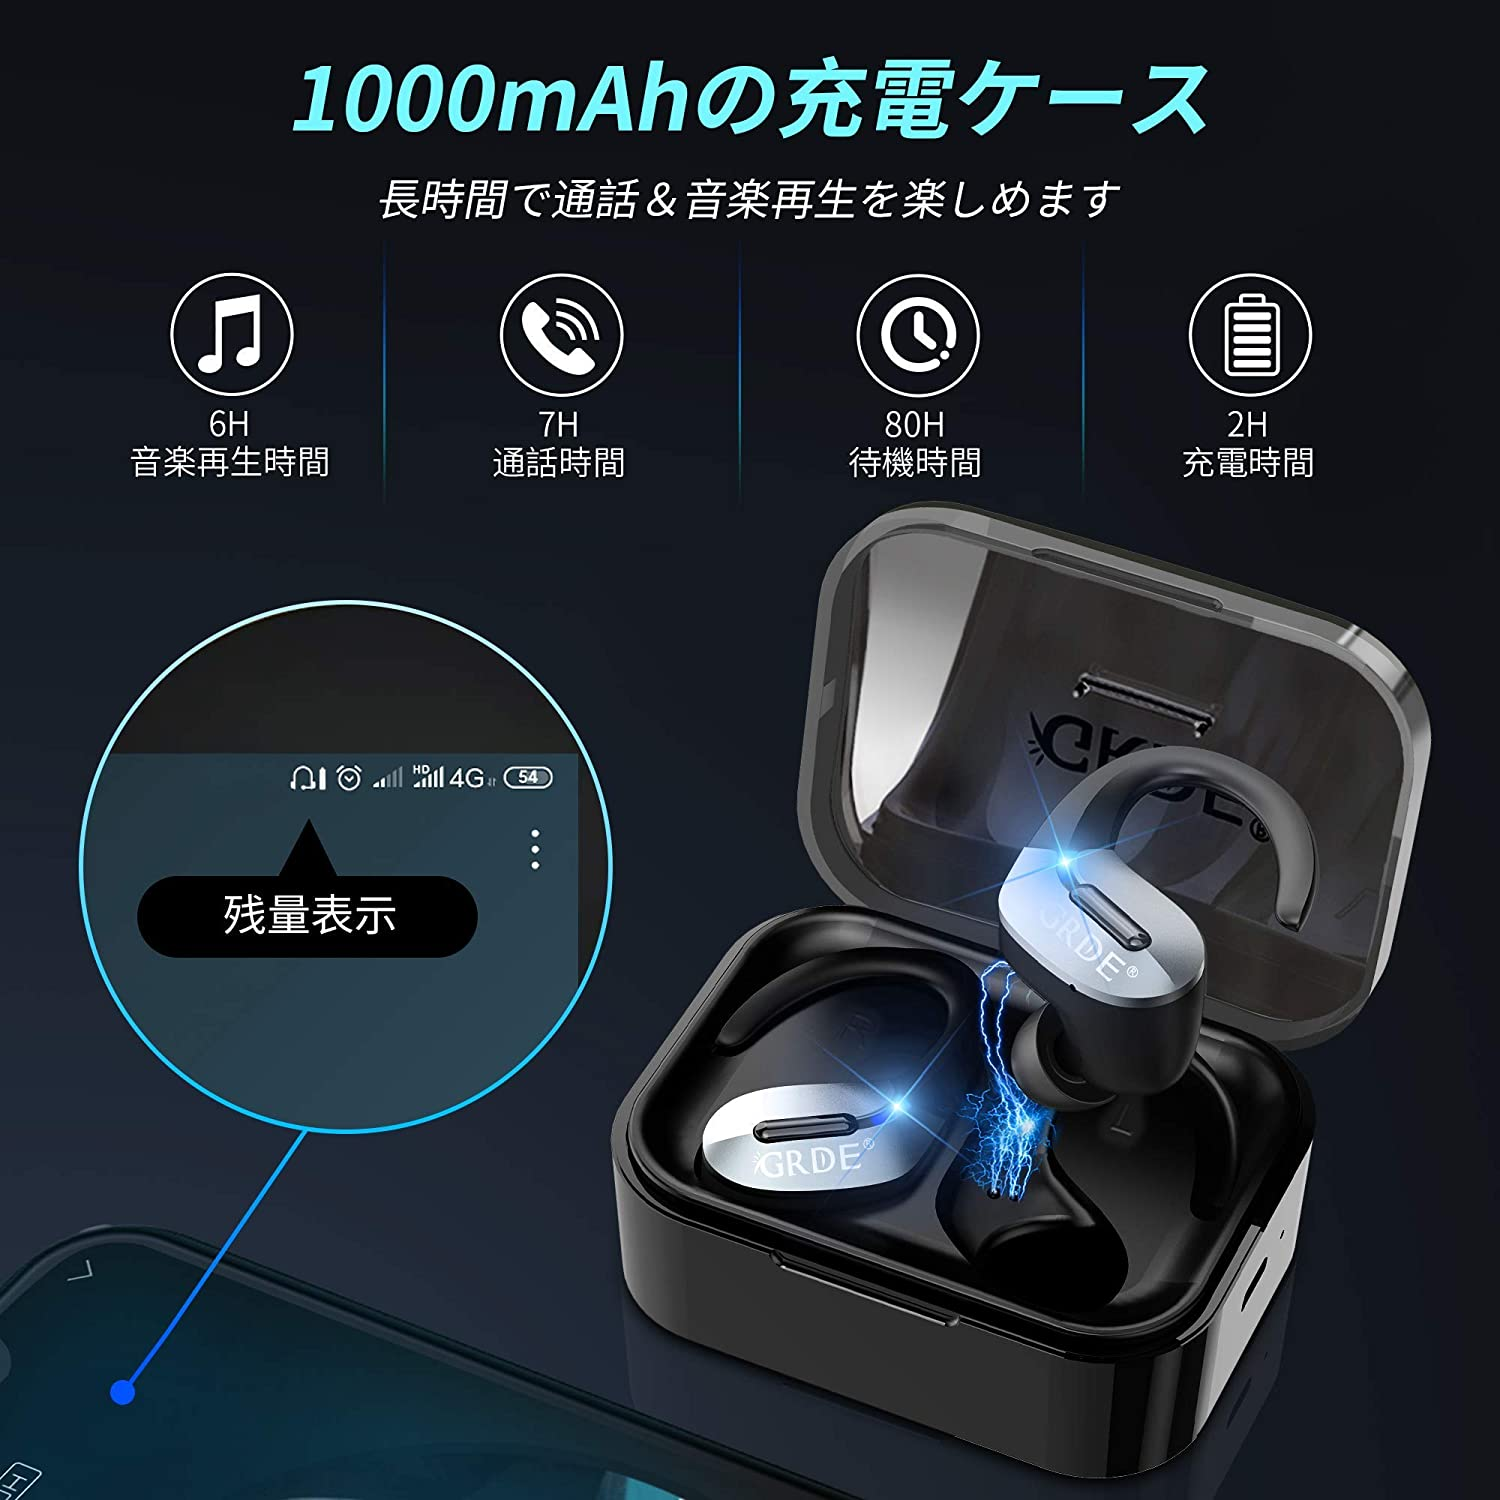 【2020年最新版 耳掛け式】完全ワイヤレス イヤホン Bluetooth ノイズキャンセリング マイク内蔵 自動ON/OFF/ペアリング ハンズフリー通話